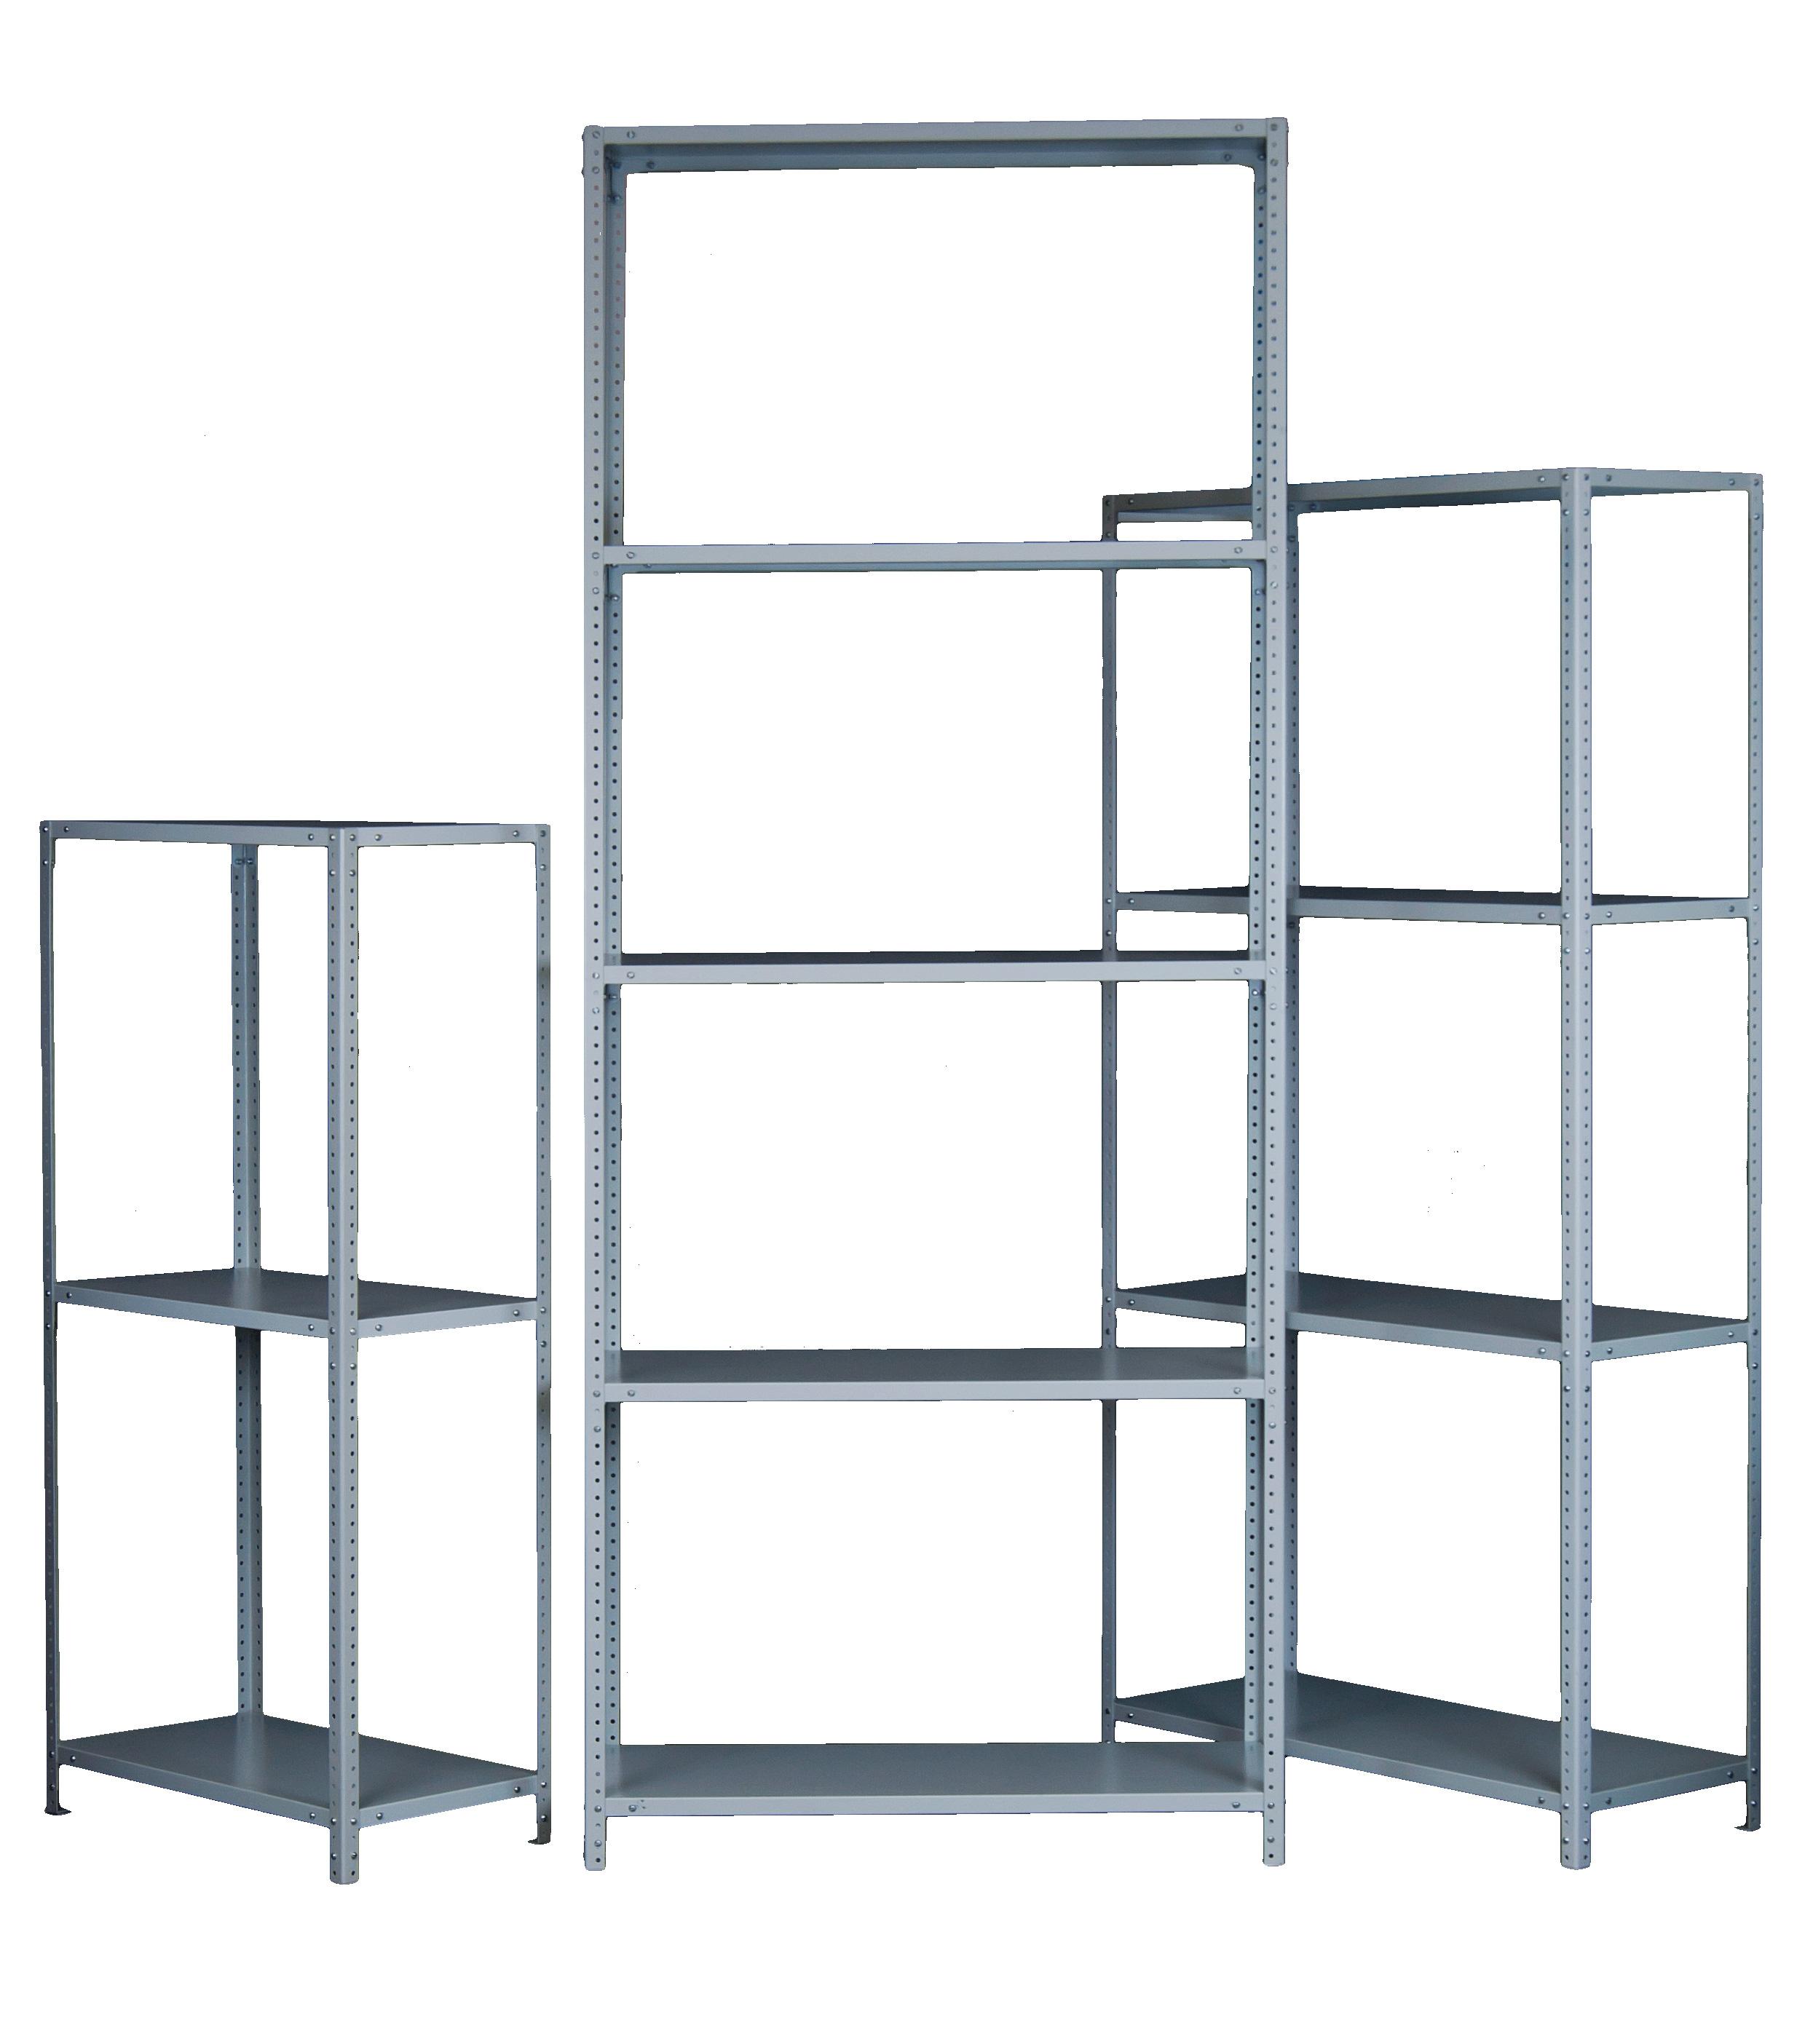 Стеллажи металлические (комплекты универсальных стеллажей по выгодной цене) (12)